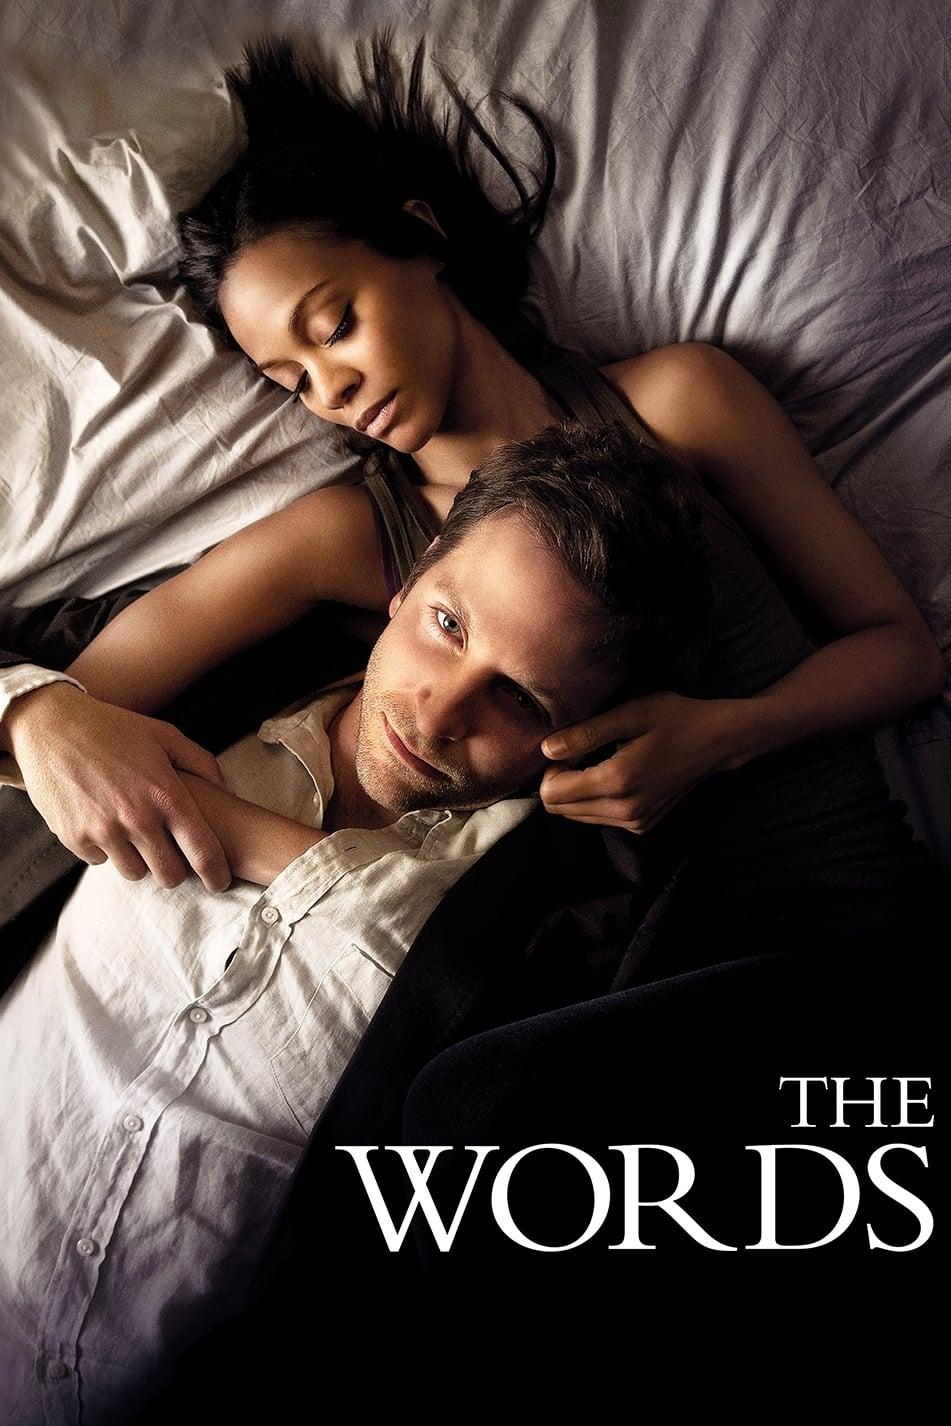 El ladrón de palabras (The Words)